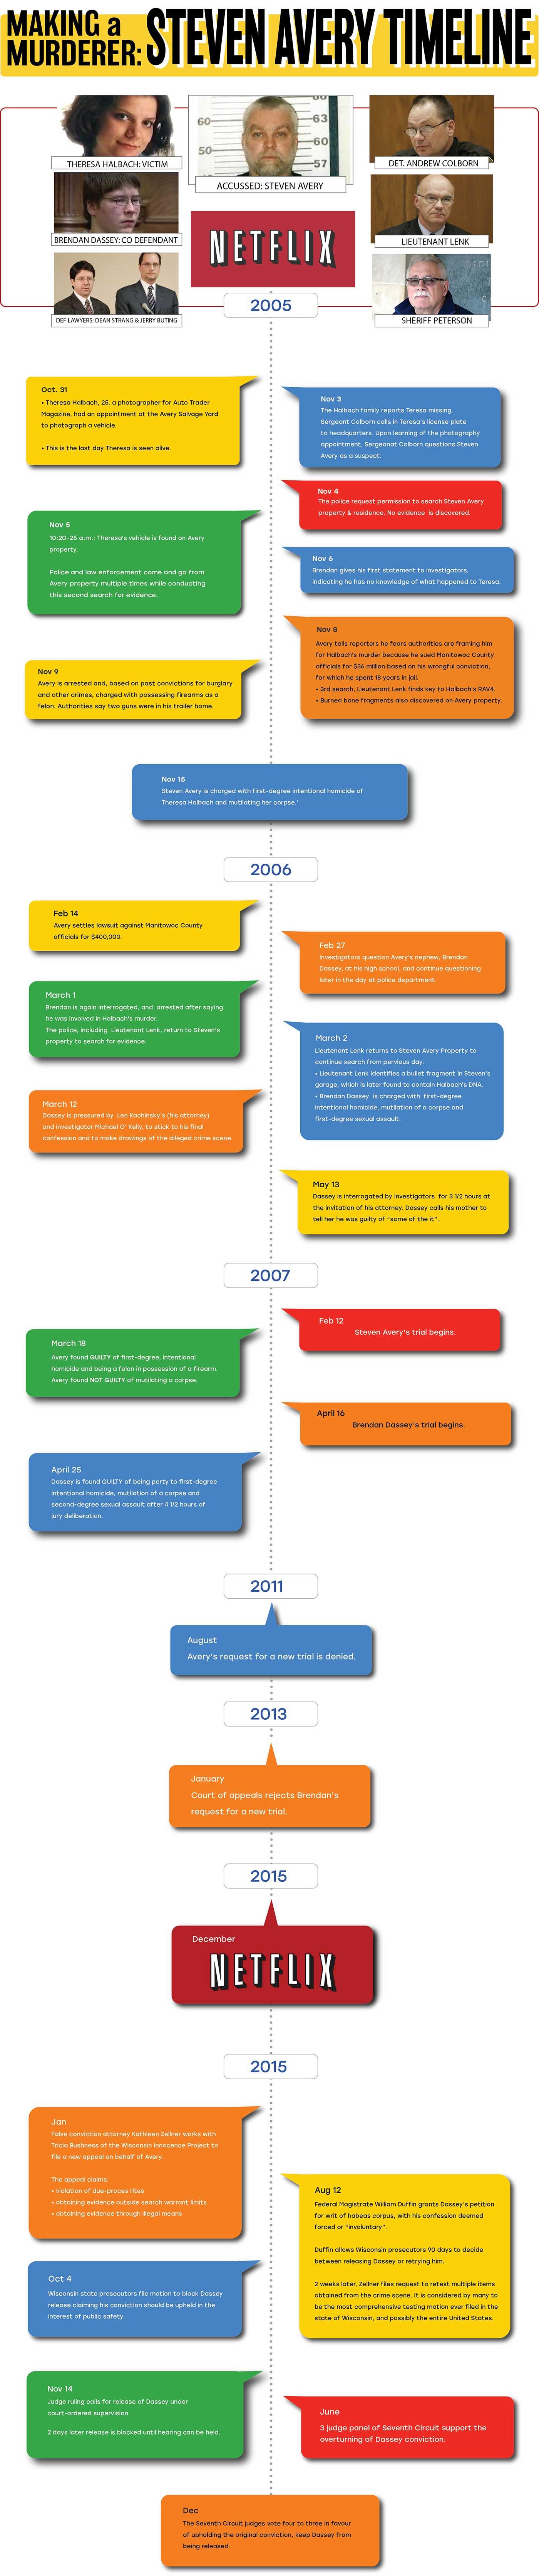 Making a Murderer: Steven Avery Timeline